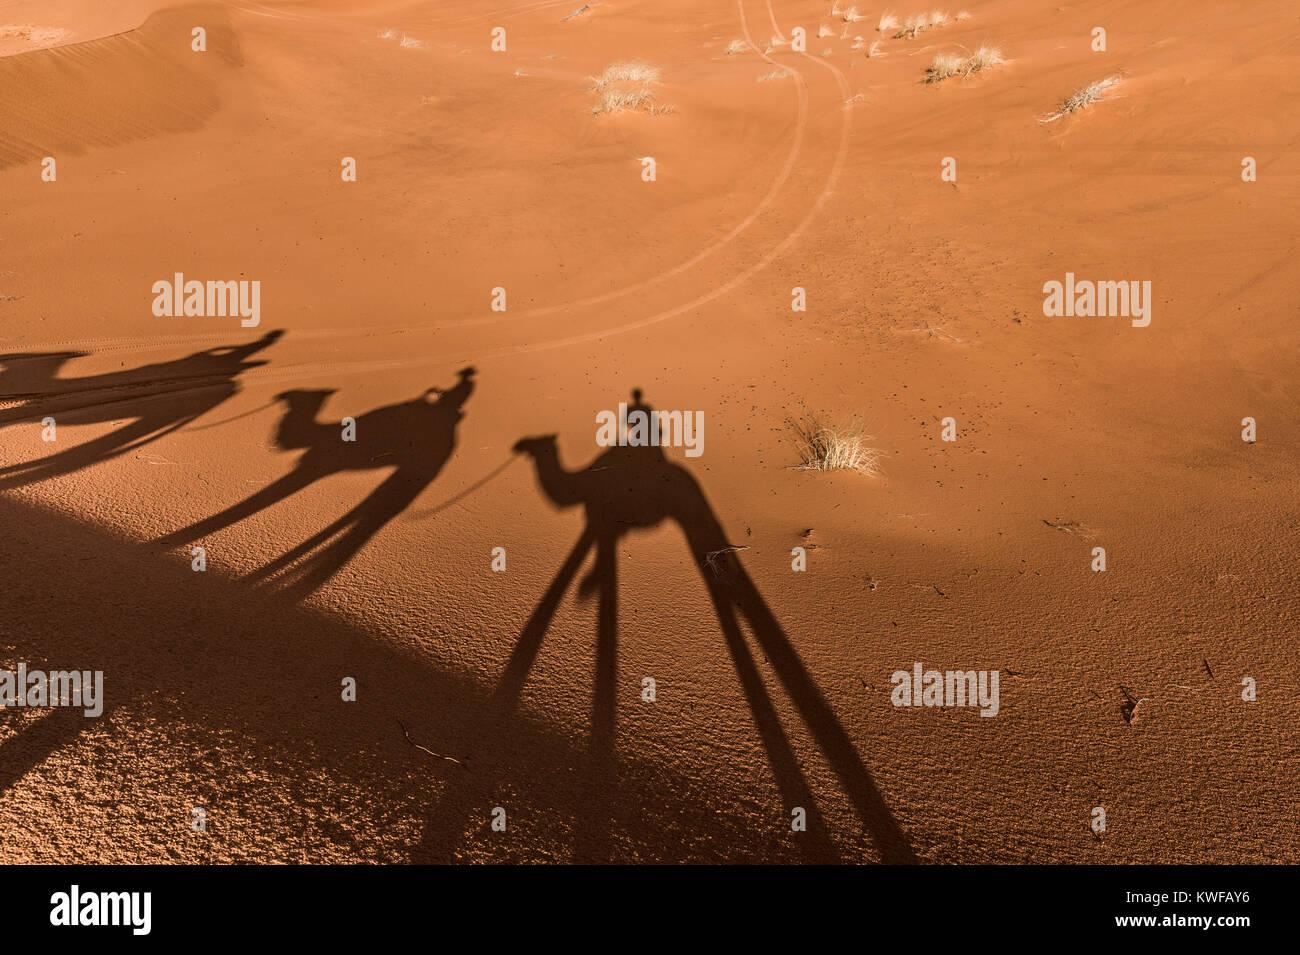 Kamel Schatten auf Sand Dünen während der Kamel Trek in der marokkanischen Sahara. Stockbild